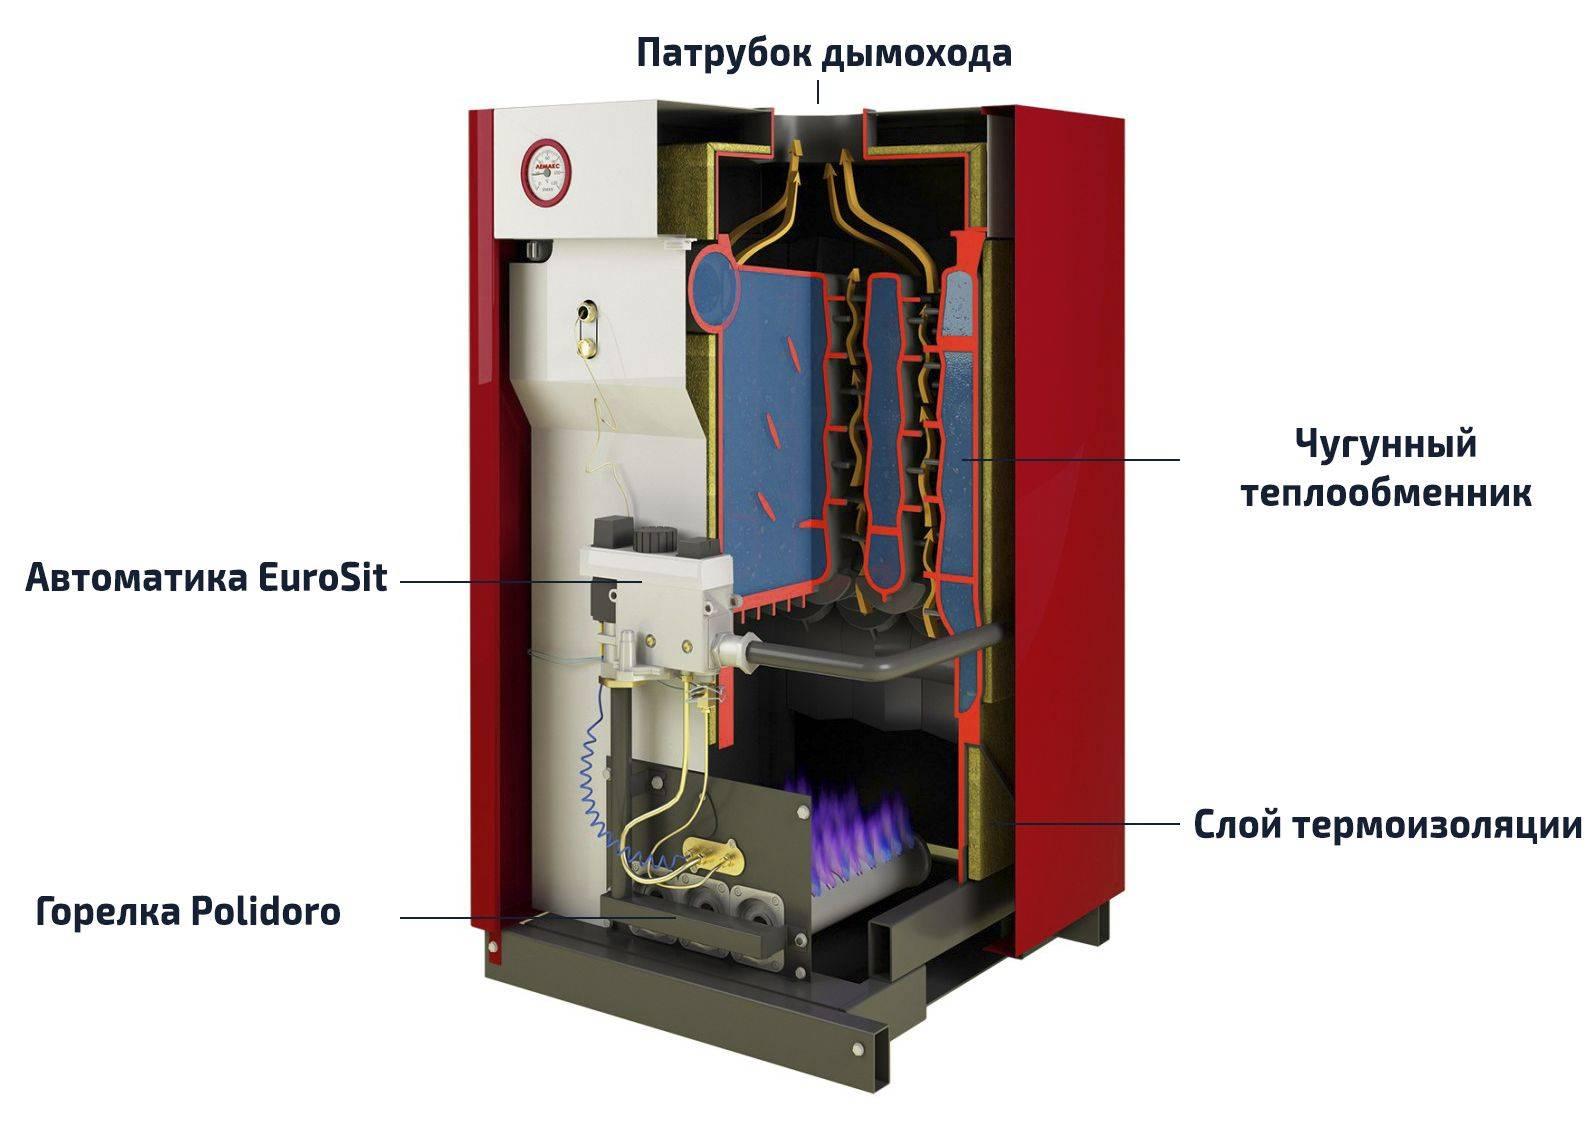 Газовые котлы лемакс — технические характеристики и отзывы пользователей